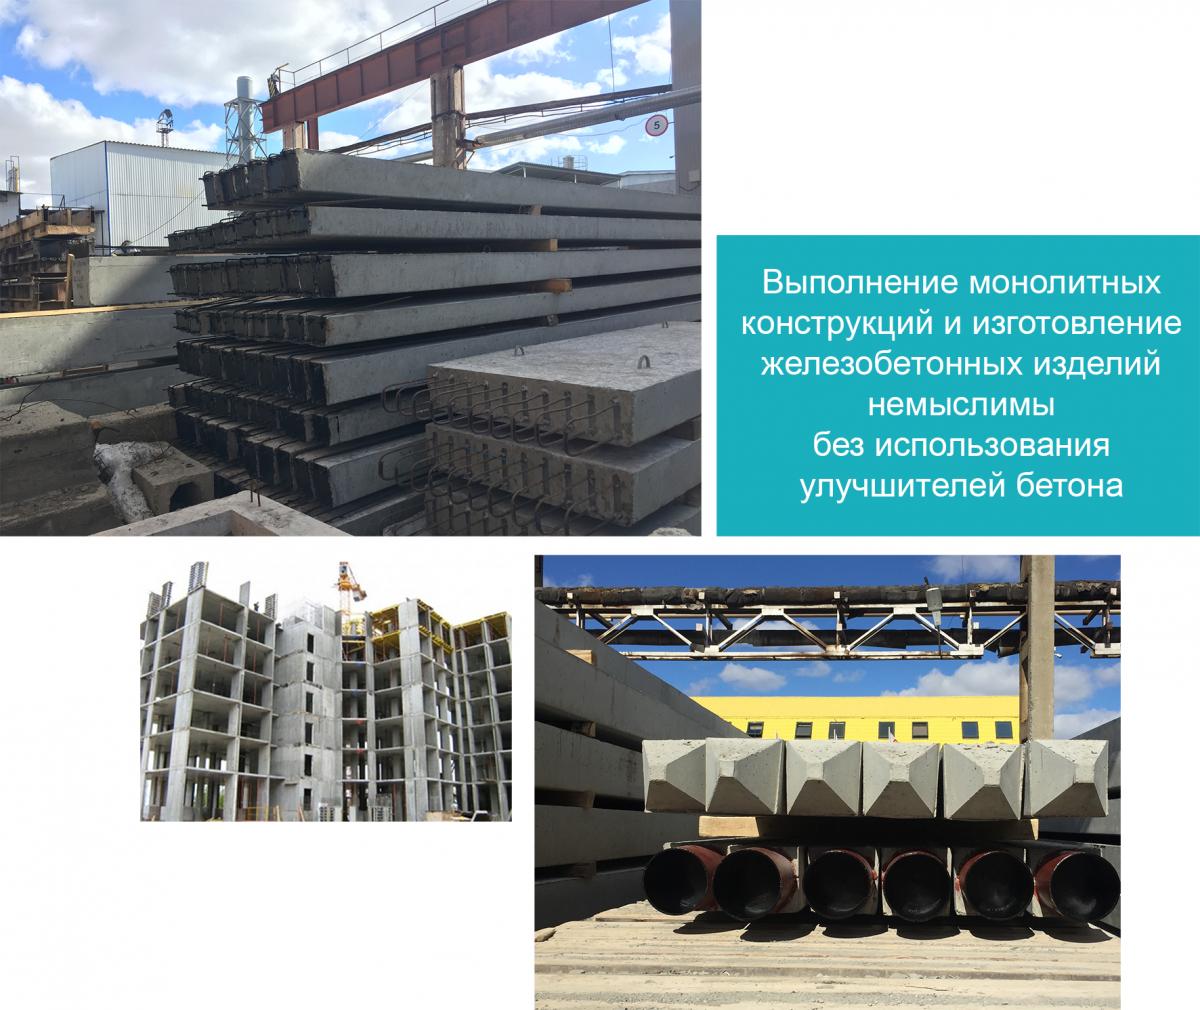 Выполнение монолитных конструкций и изготовление железобетонных издений немыслимо без добавления улучшения бетона